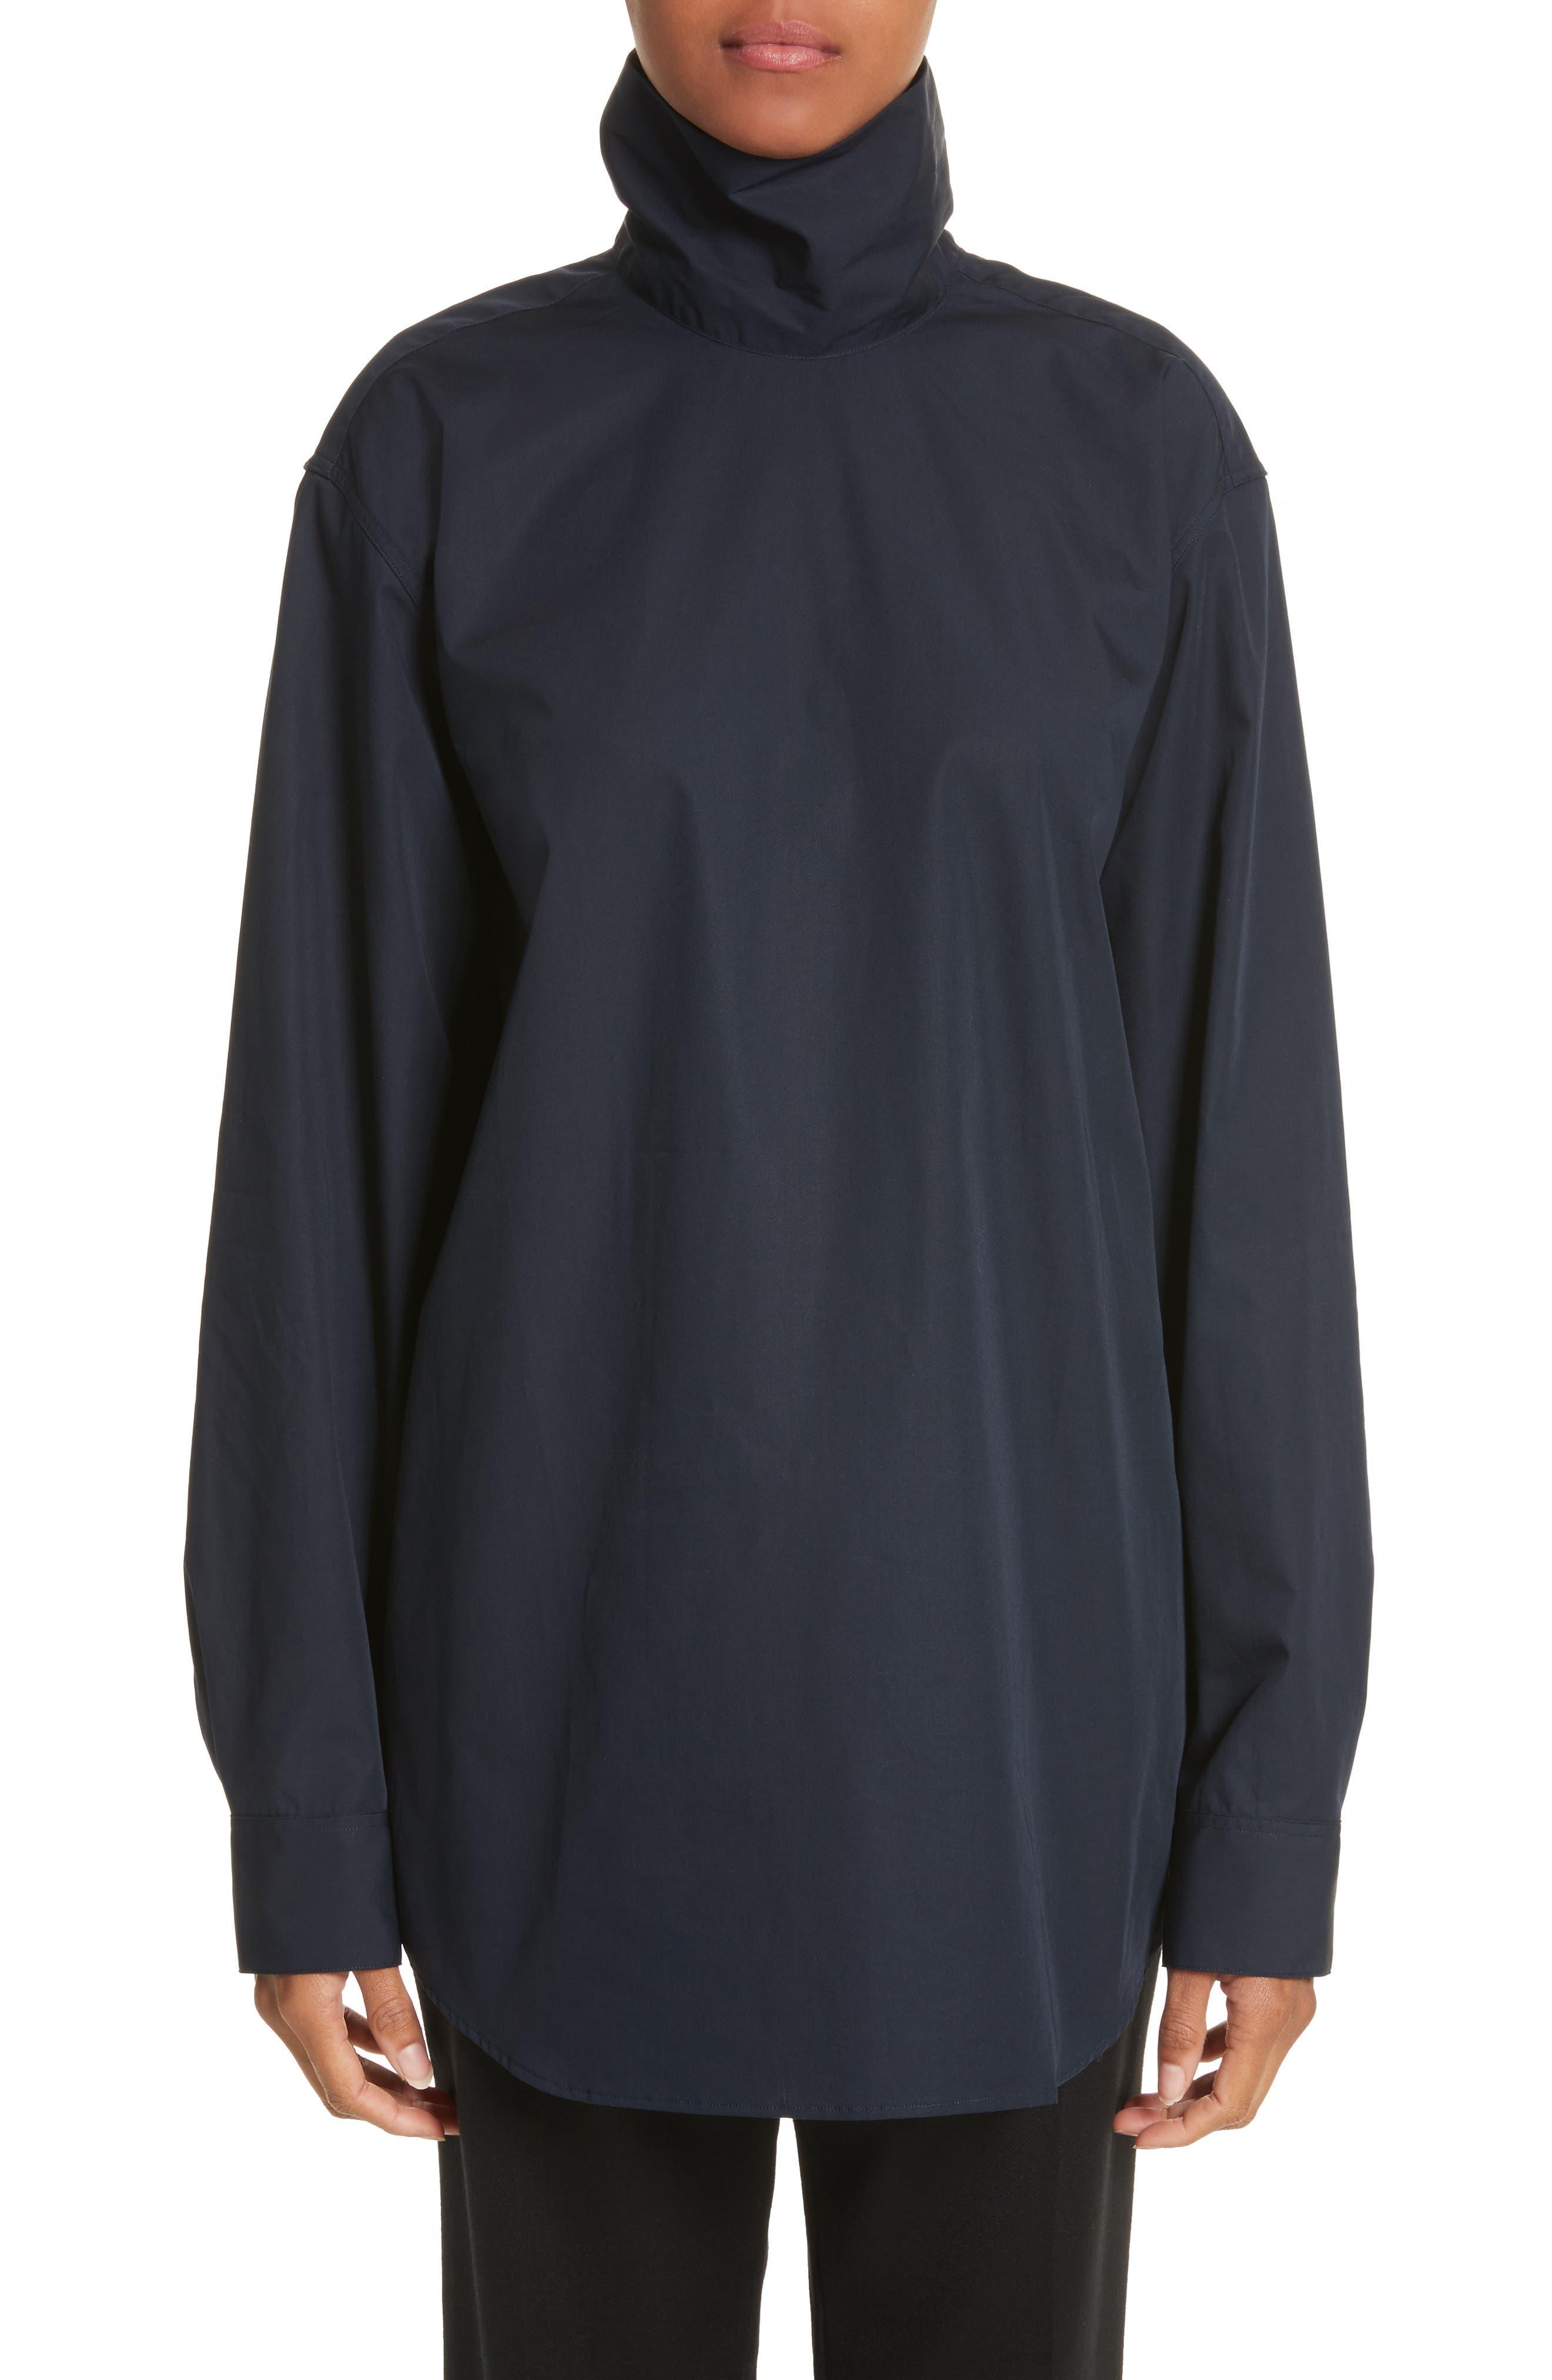 Alternate Image 1 Selected - Dries Van Noten Cotton Poplin Mock Neck Shirt